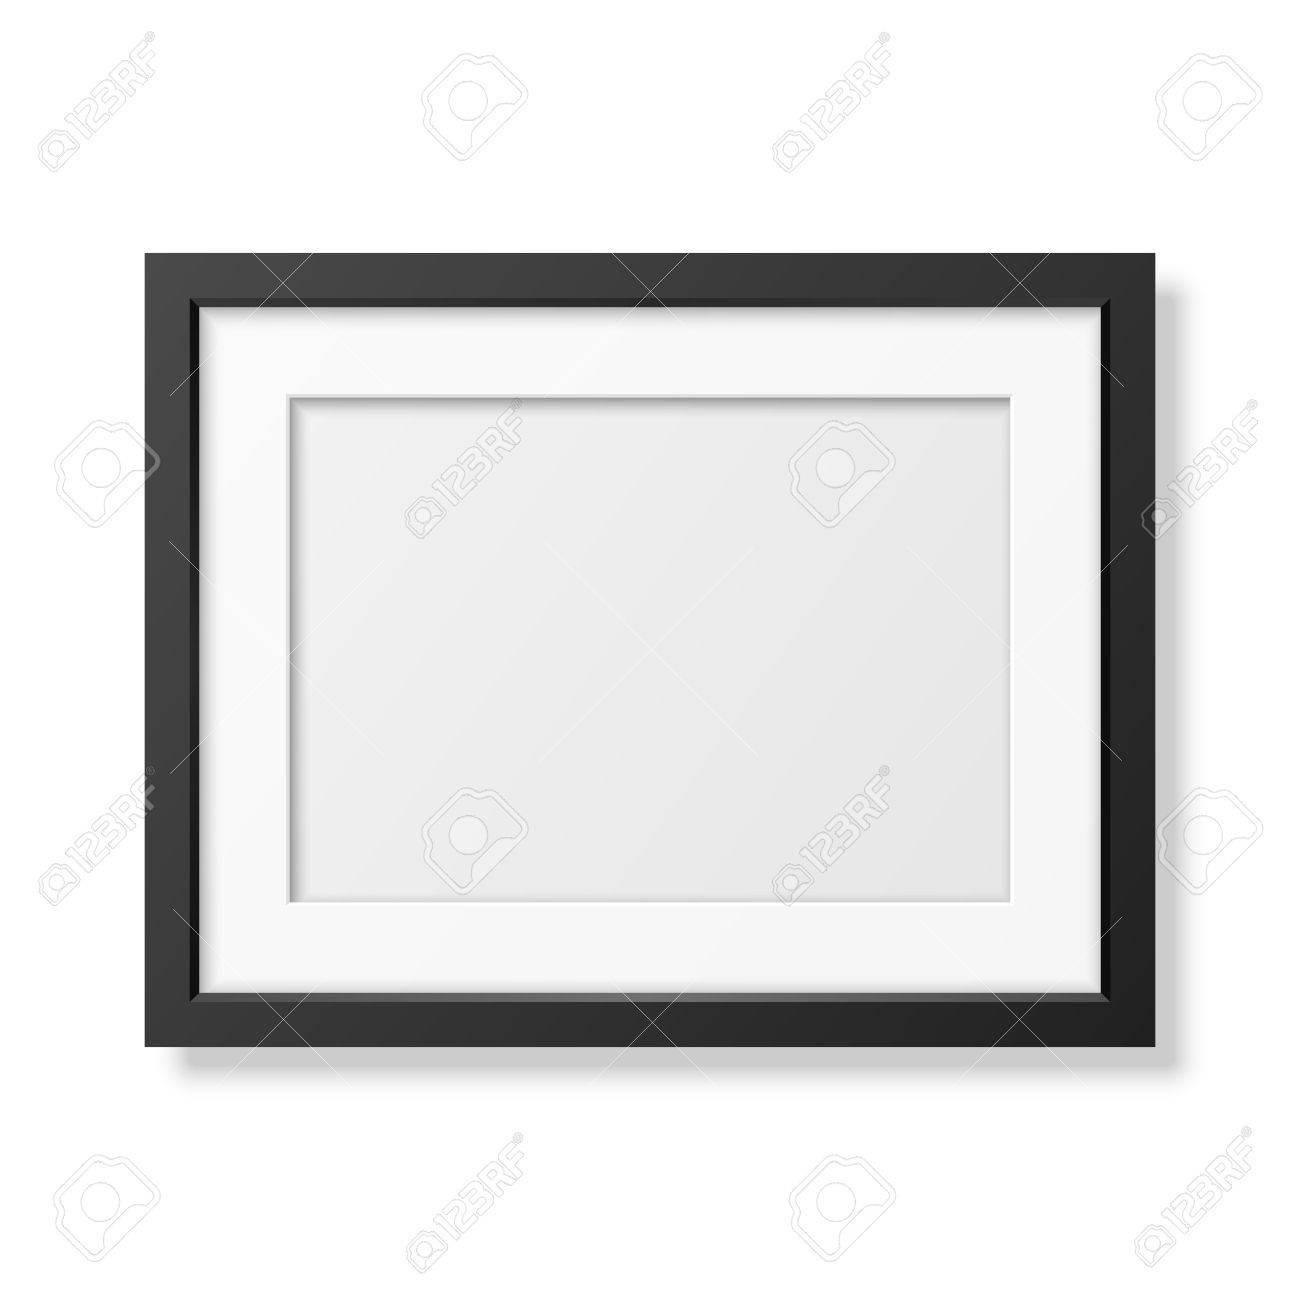 Realistische Schwarzen Rahmen A4 Isoliert Auf Weiß. Es Kann Für ...